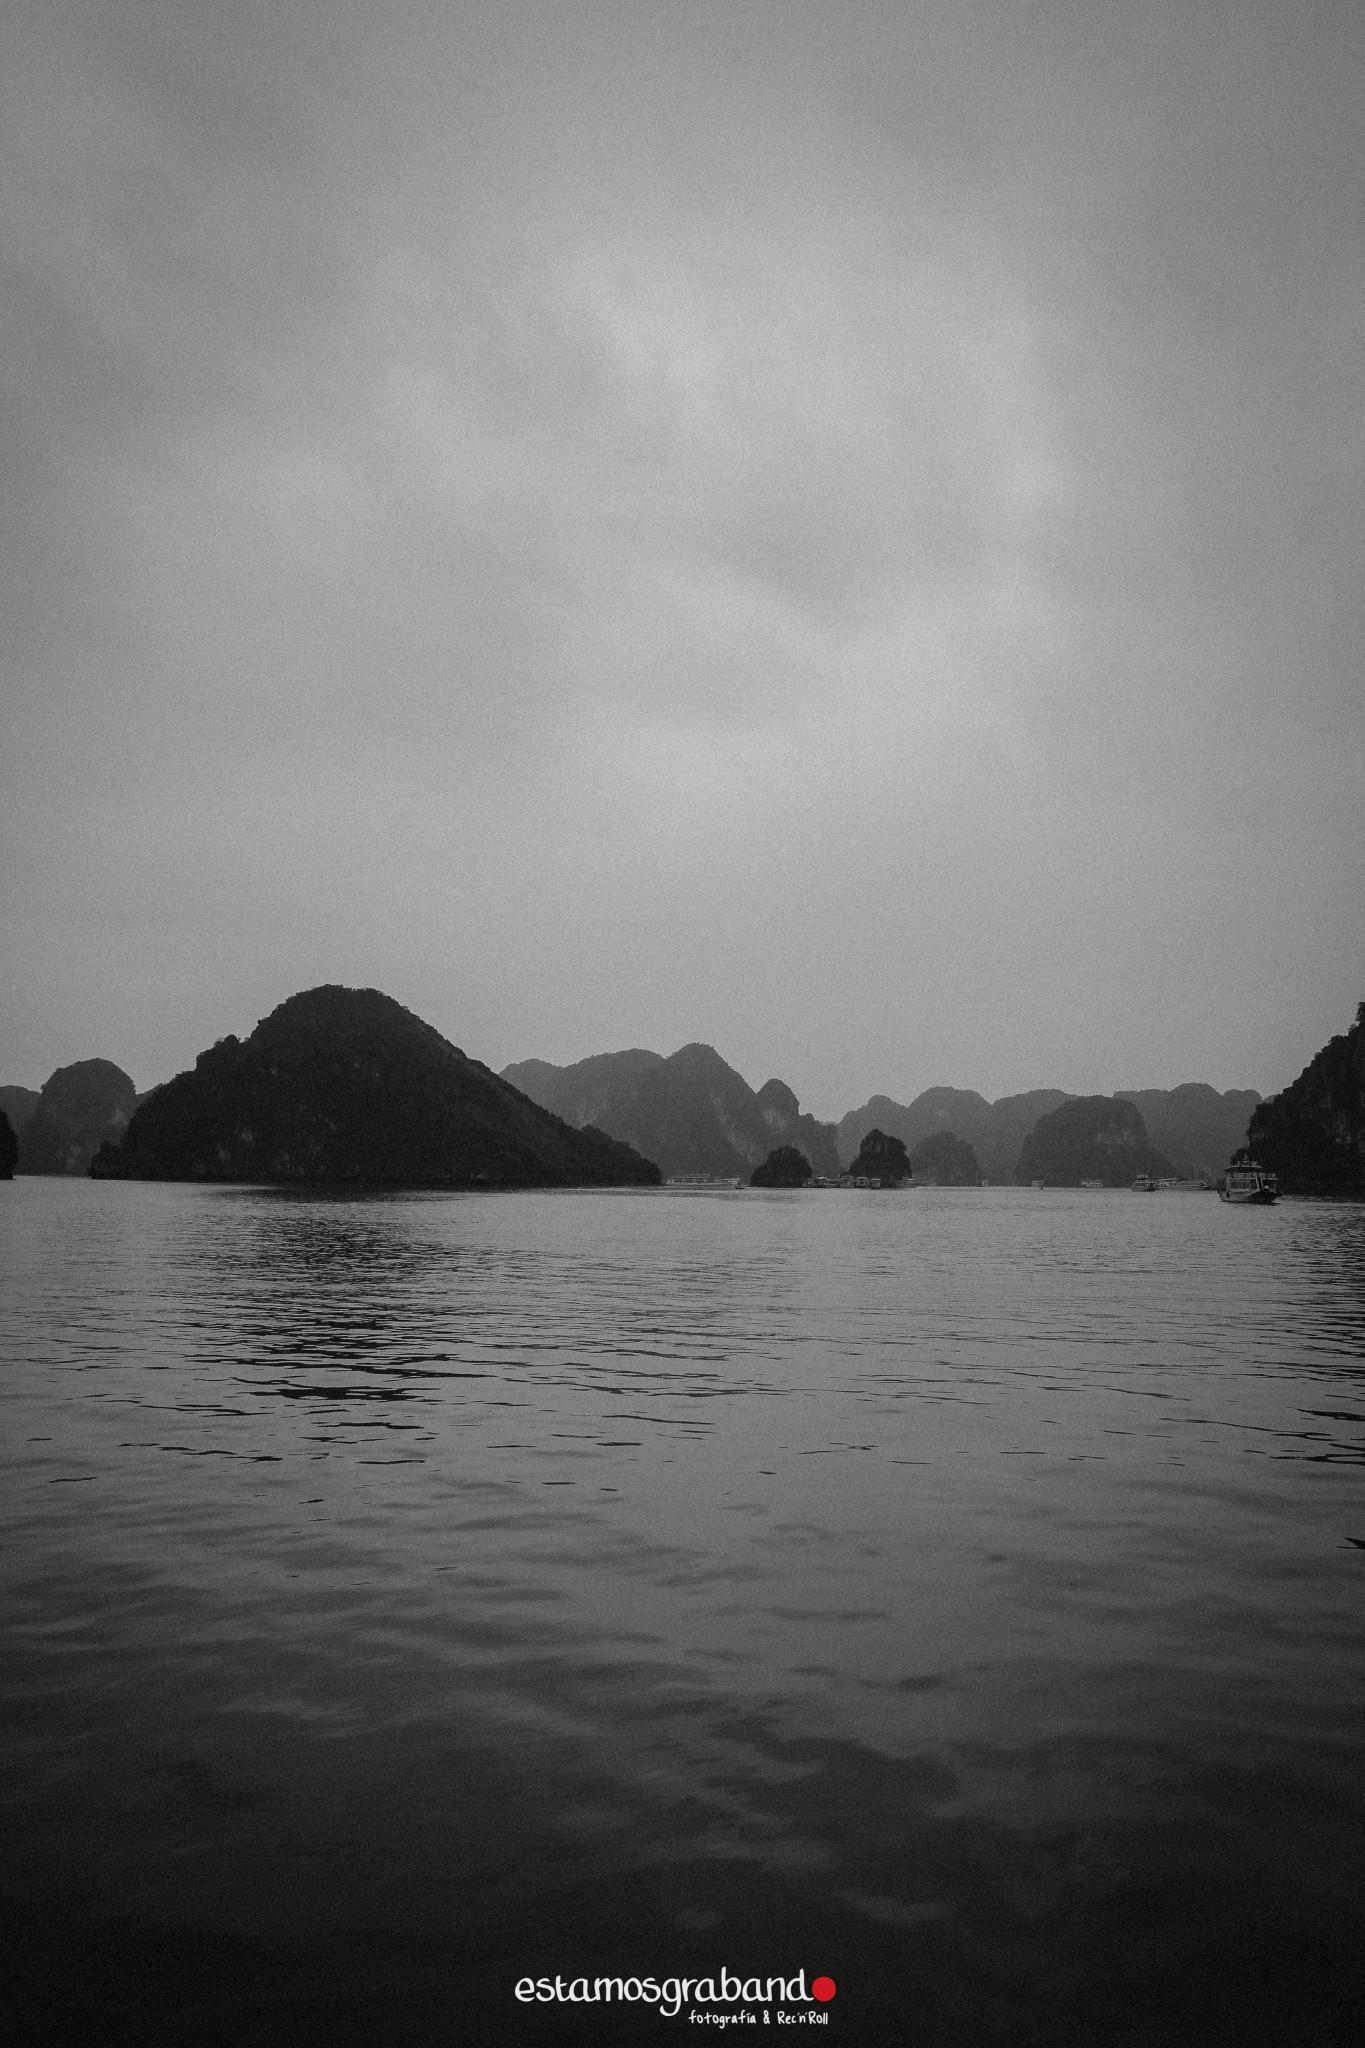 reportaje-vietnam_fotograficc81a-vietnam_estamosgrabando-vietnam_rutasvietnam_reportaje-retratos-fotos-vietnam_fotografia-vietnam_reportaje-estamosgrabando-fotograficc81a-vietnam-52 Pequeños grandes recuerdos de Vietnam en 100 imágenes - video boda cadiz